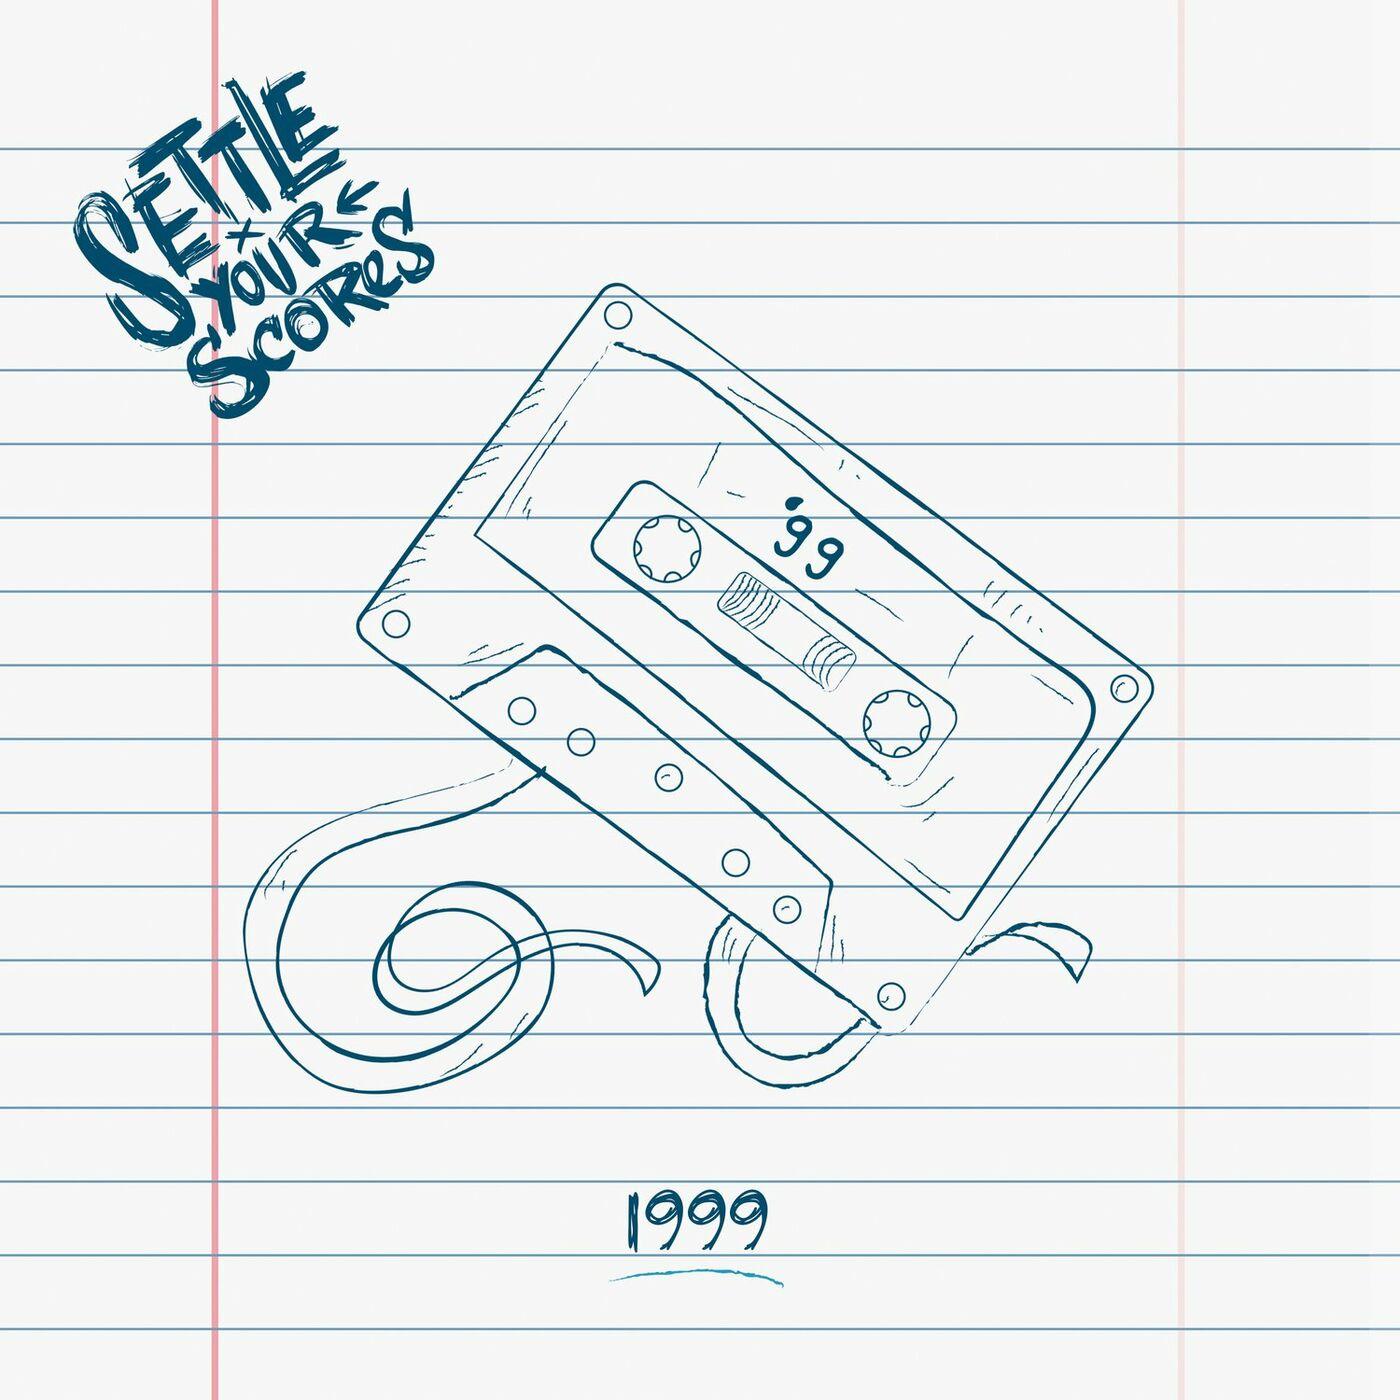 Settle Your Scores - 1999 [single] (2021)